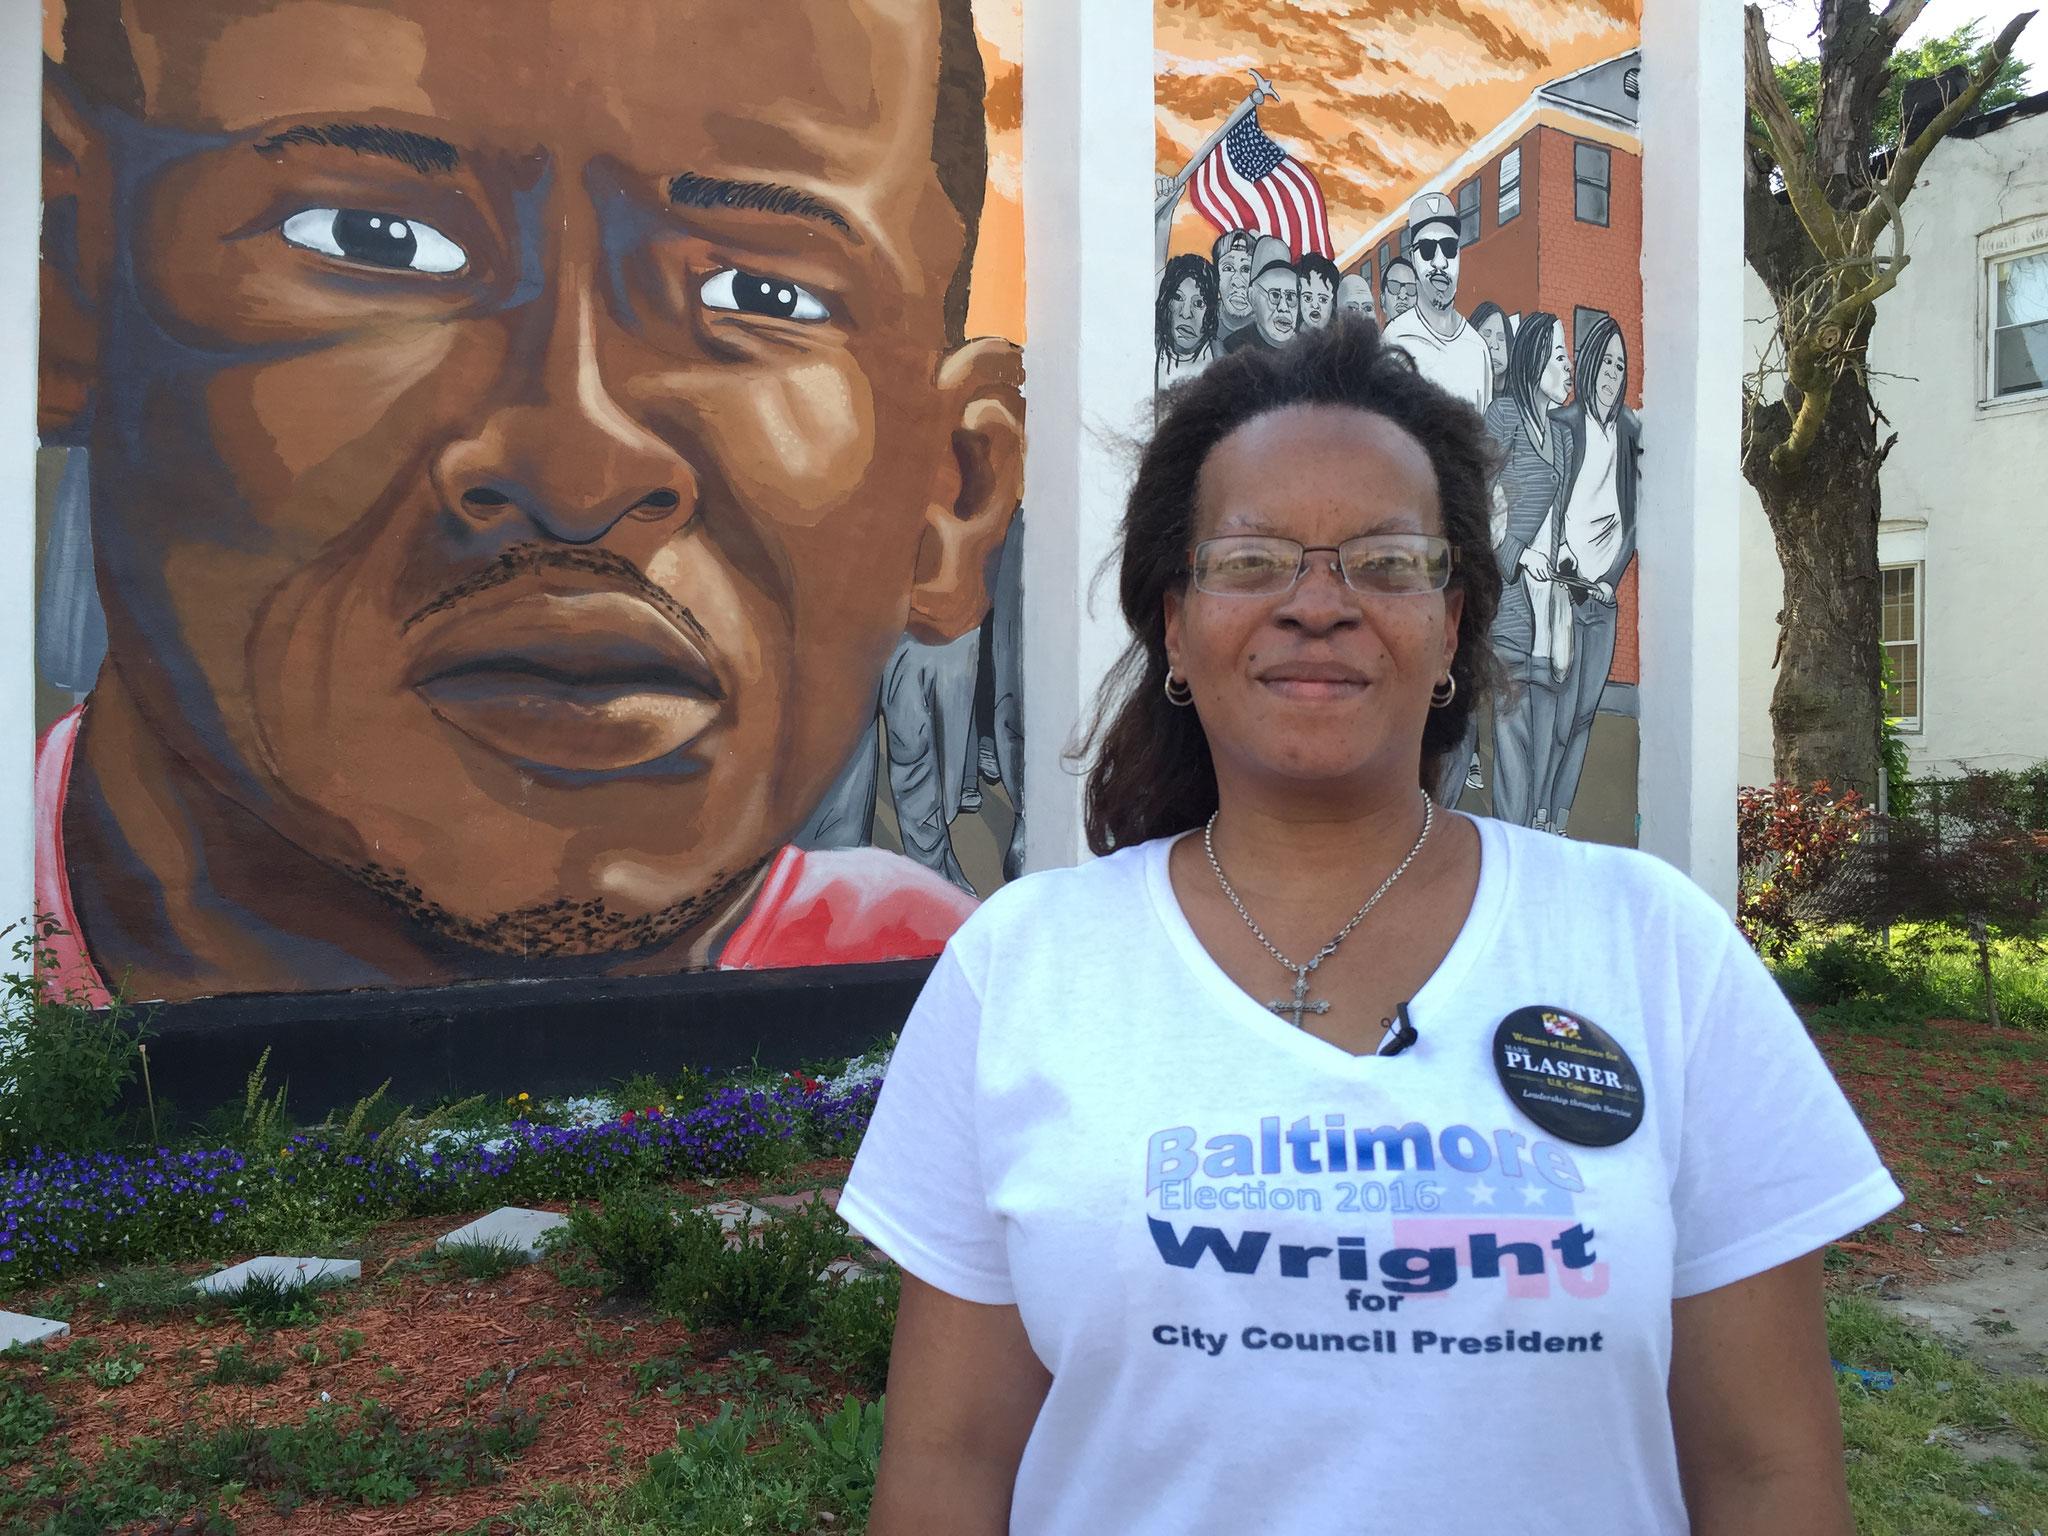 Ausgerechnet: Die schwarze Pastorin Shannon Wright wählt Trump